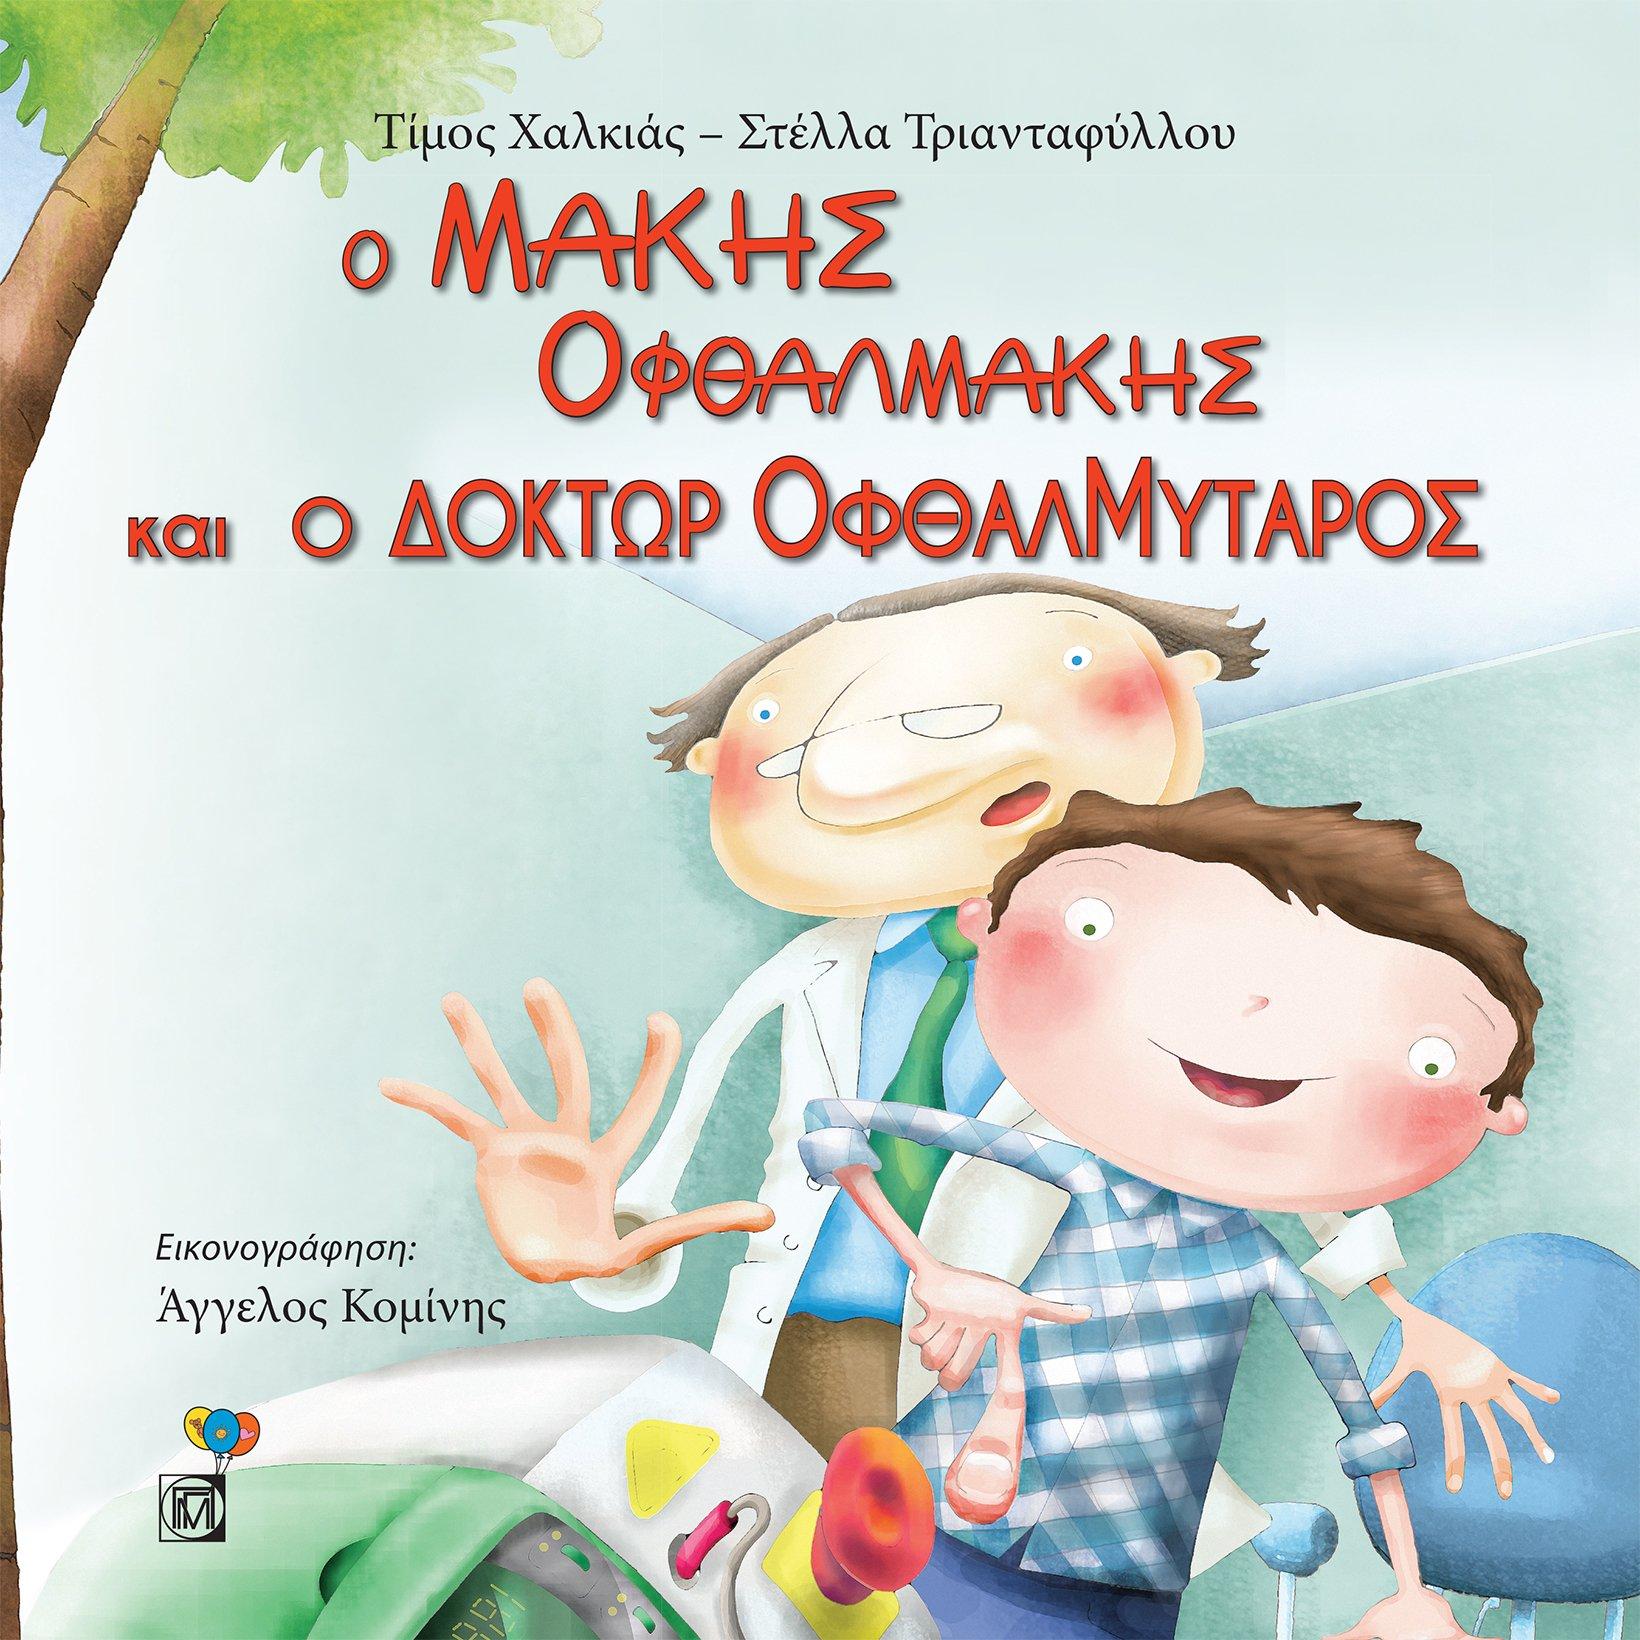 """Παιδικό βιβλίο: """"Ο Μάκης Οφθαλμάκης και ο Δόκτωρ Οφθαλμύταρος"""" – Thisisus.gr"""